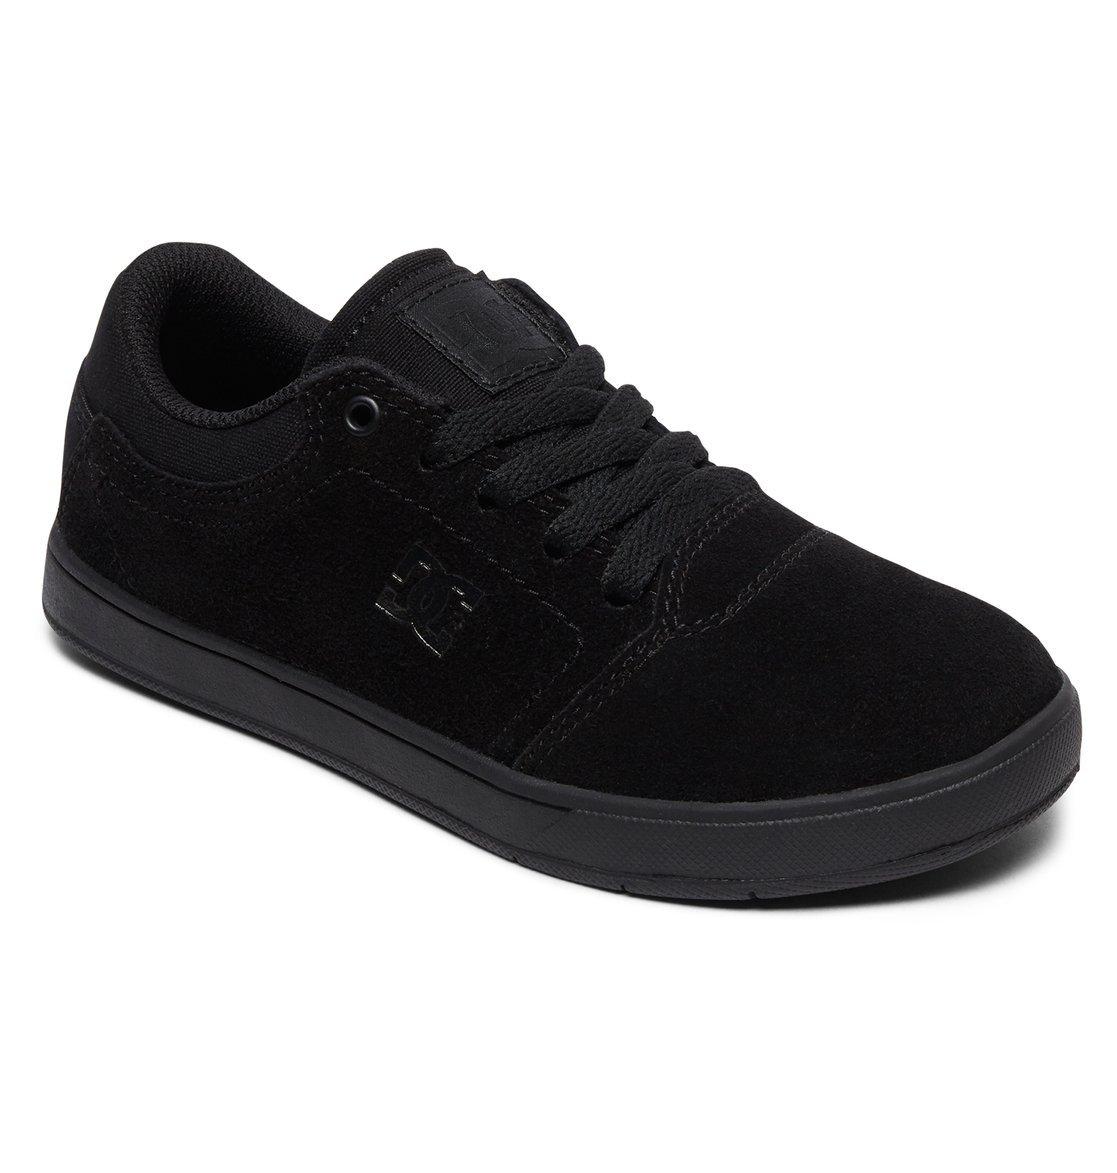 Dc Shoes Schoenen »Crisis« voordelig en veilig online kopen